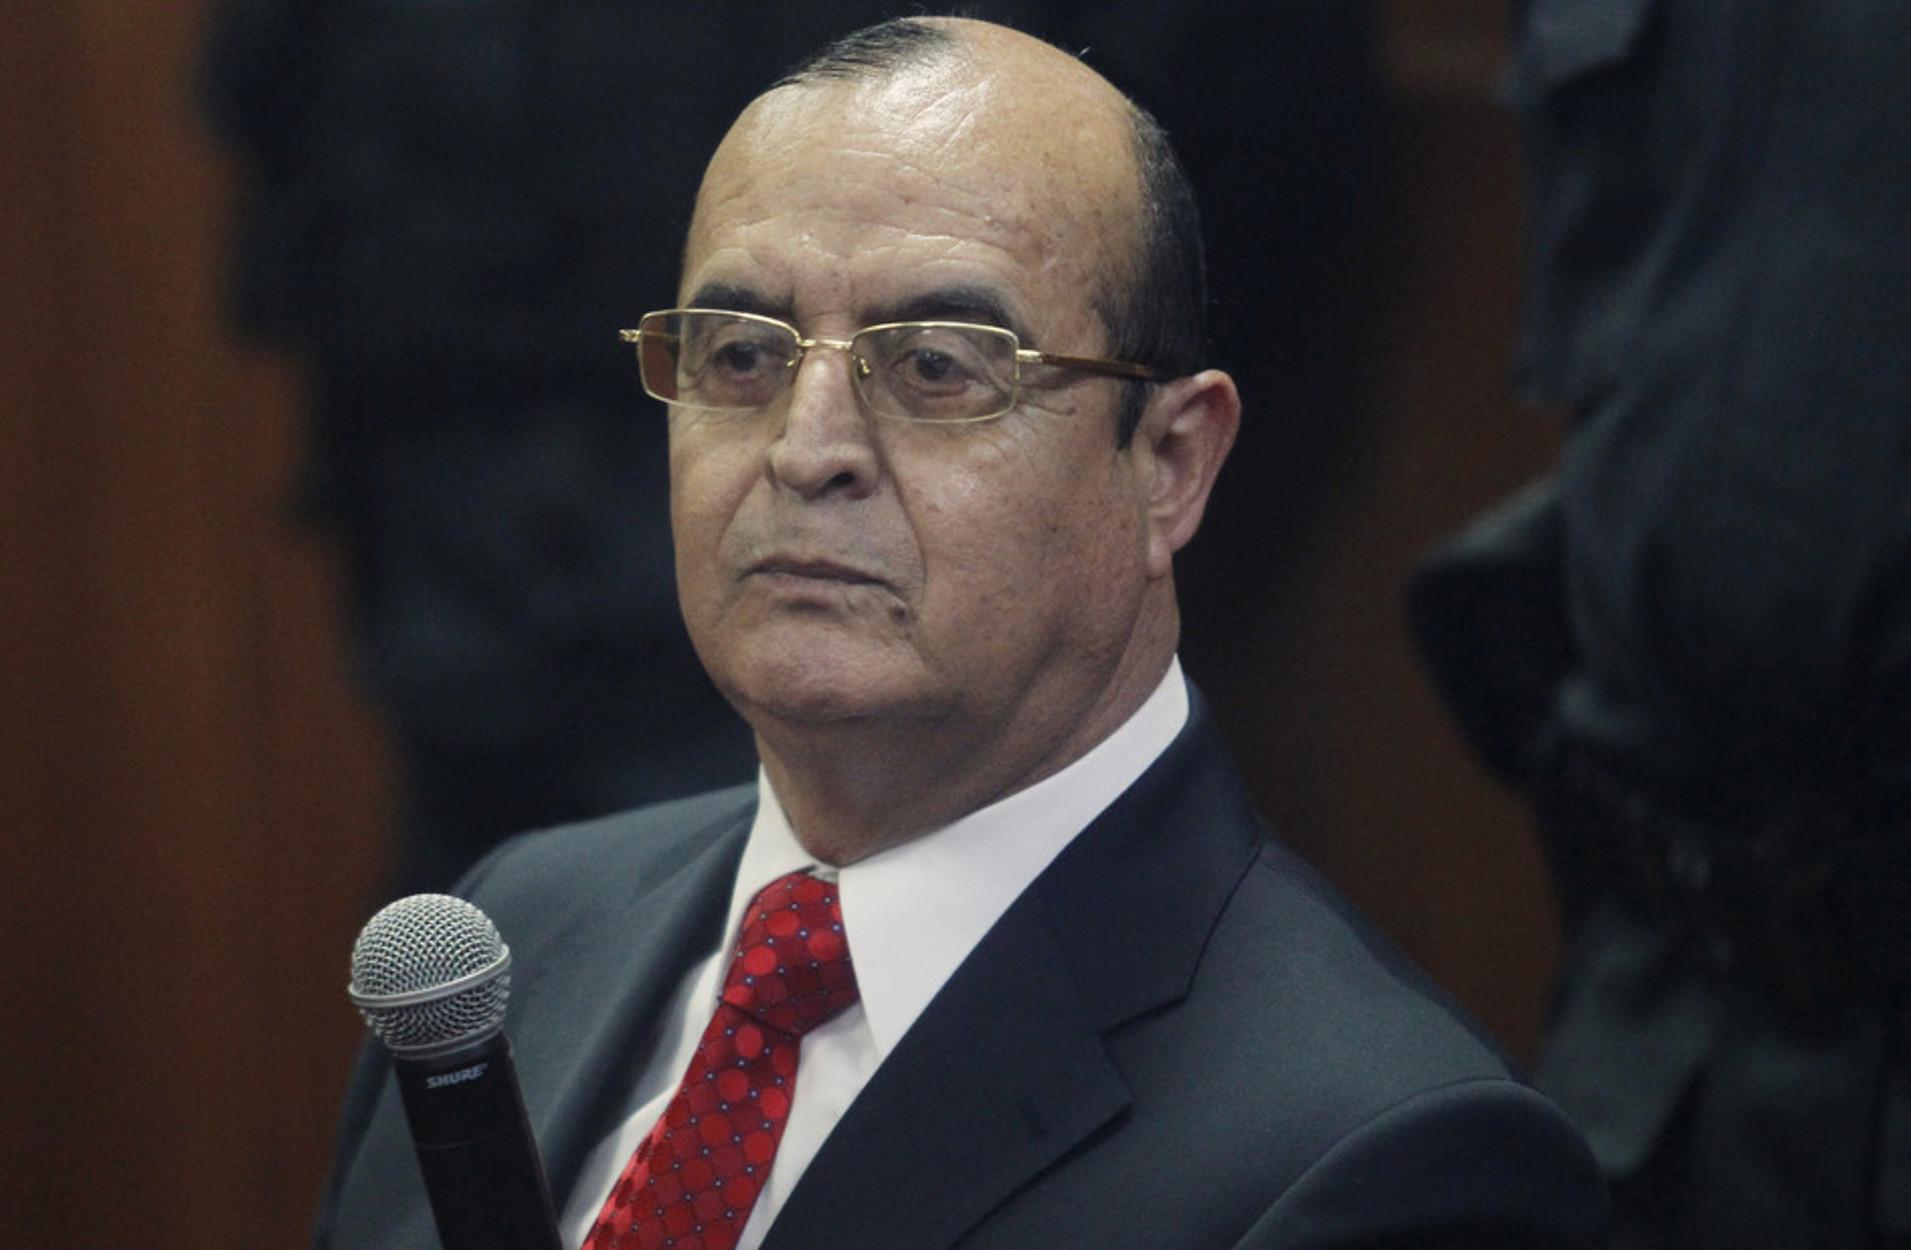 Περού: Ο «Ρασπούτιν των Άνδεων» ξανά… επί σκηνής! Προσπάθεια νοθείας των εκλογών από τις φυλακές